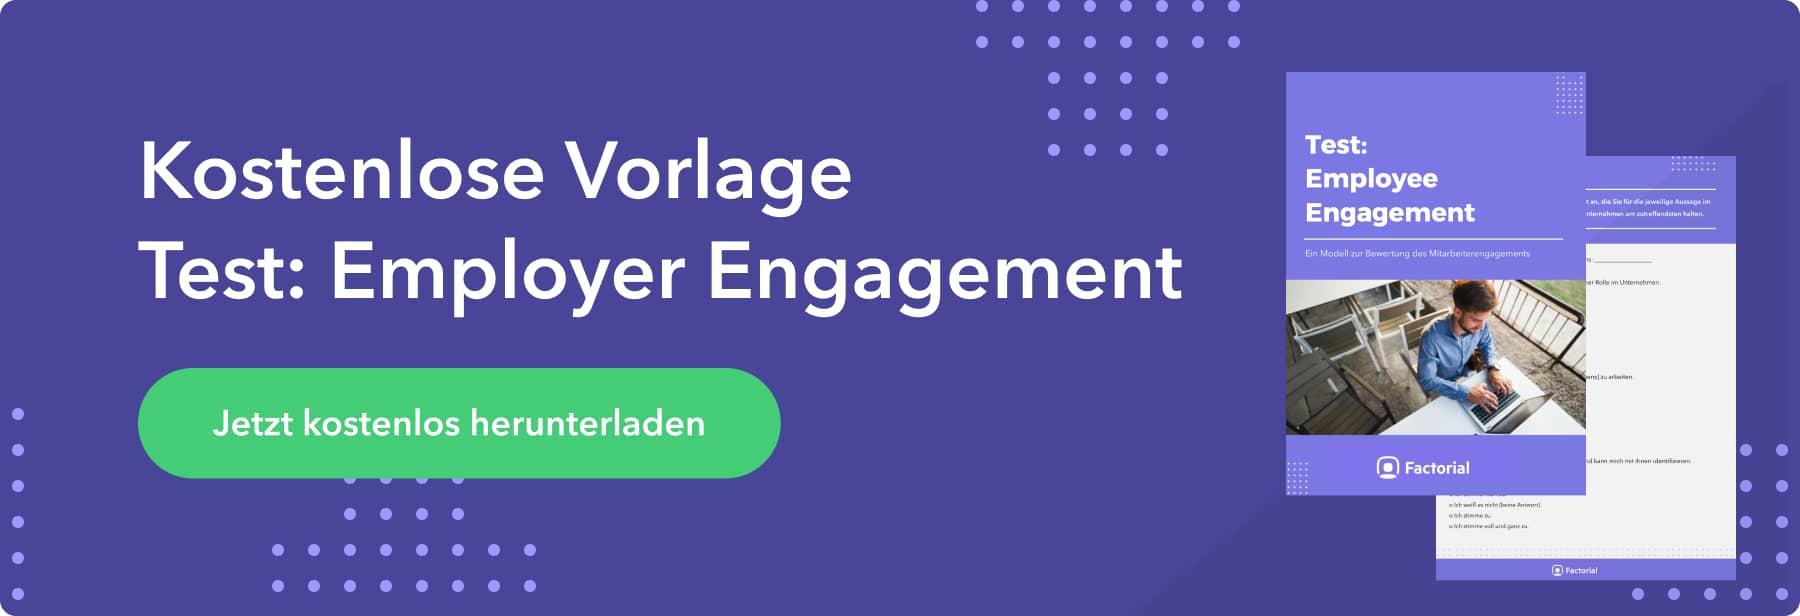 Employee Engagement Vorlage